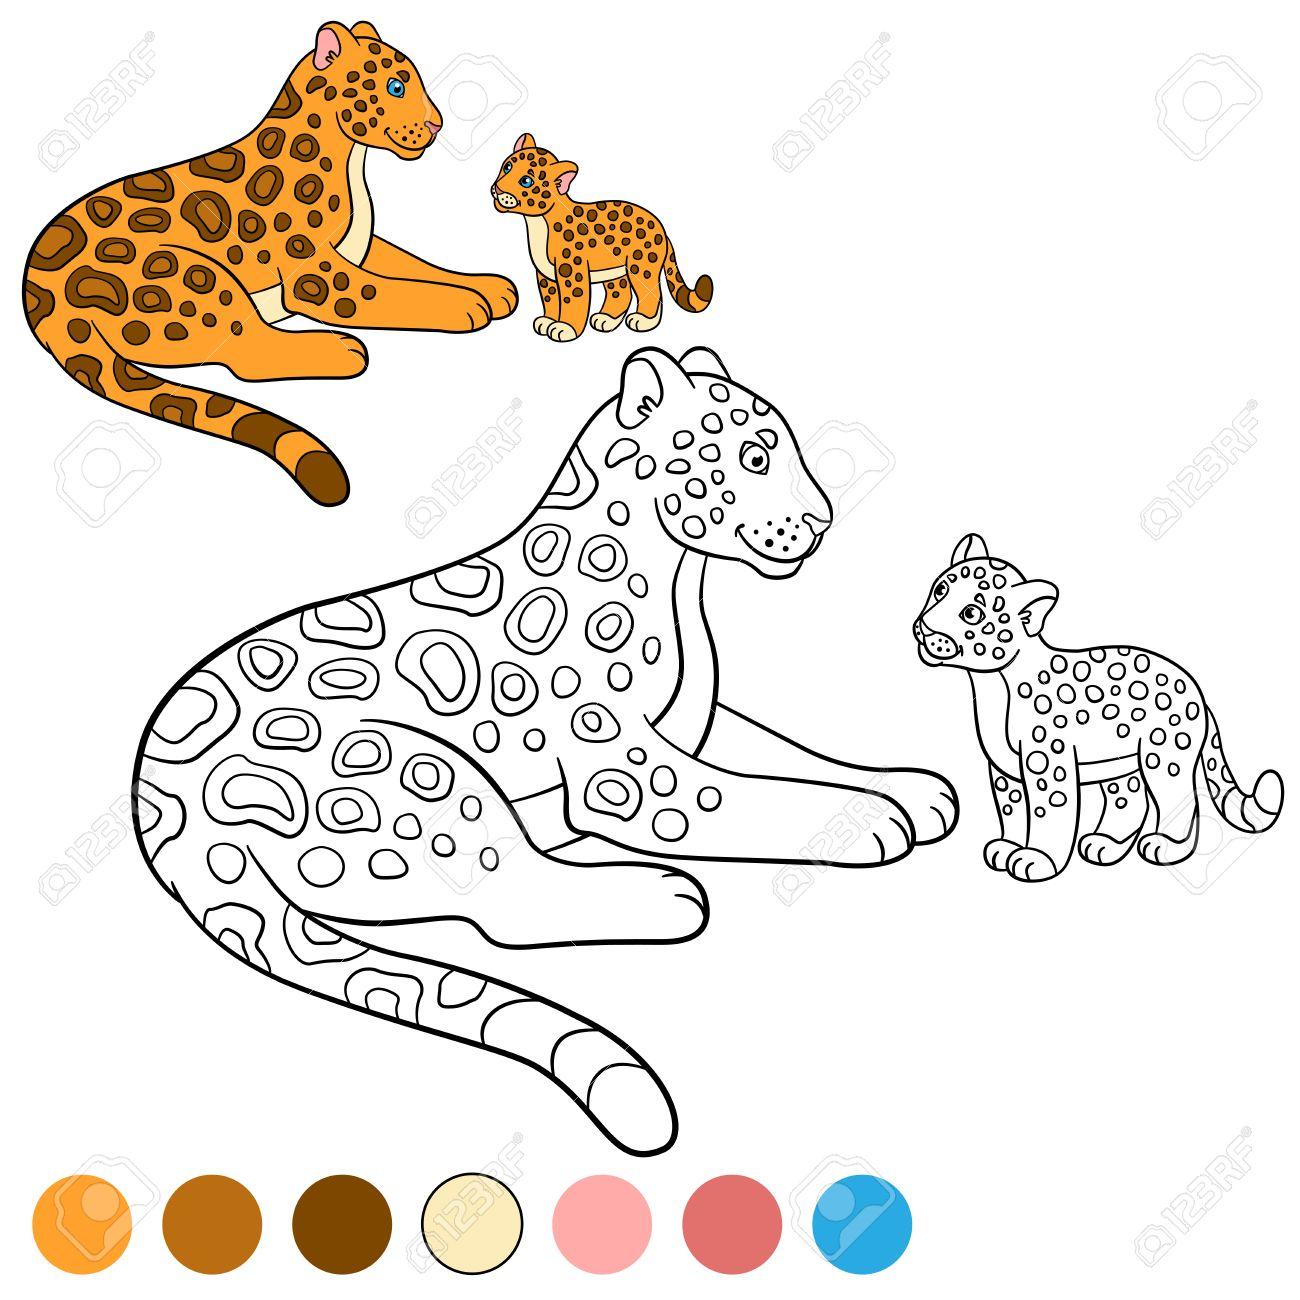 Dibujo Para Colorear Con Los Colores. Madre Con Su Pequeño Jaguar ...